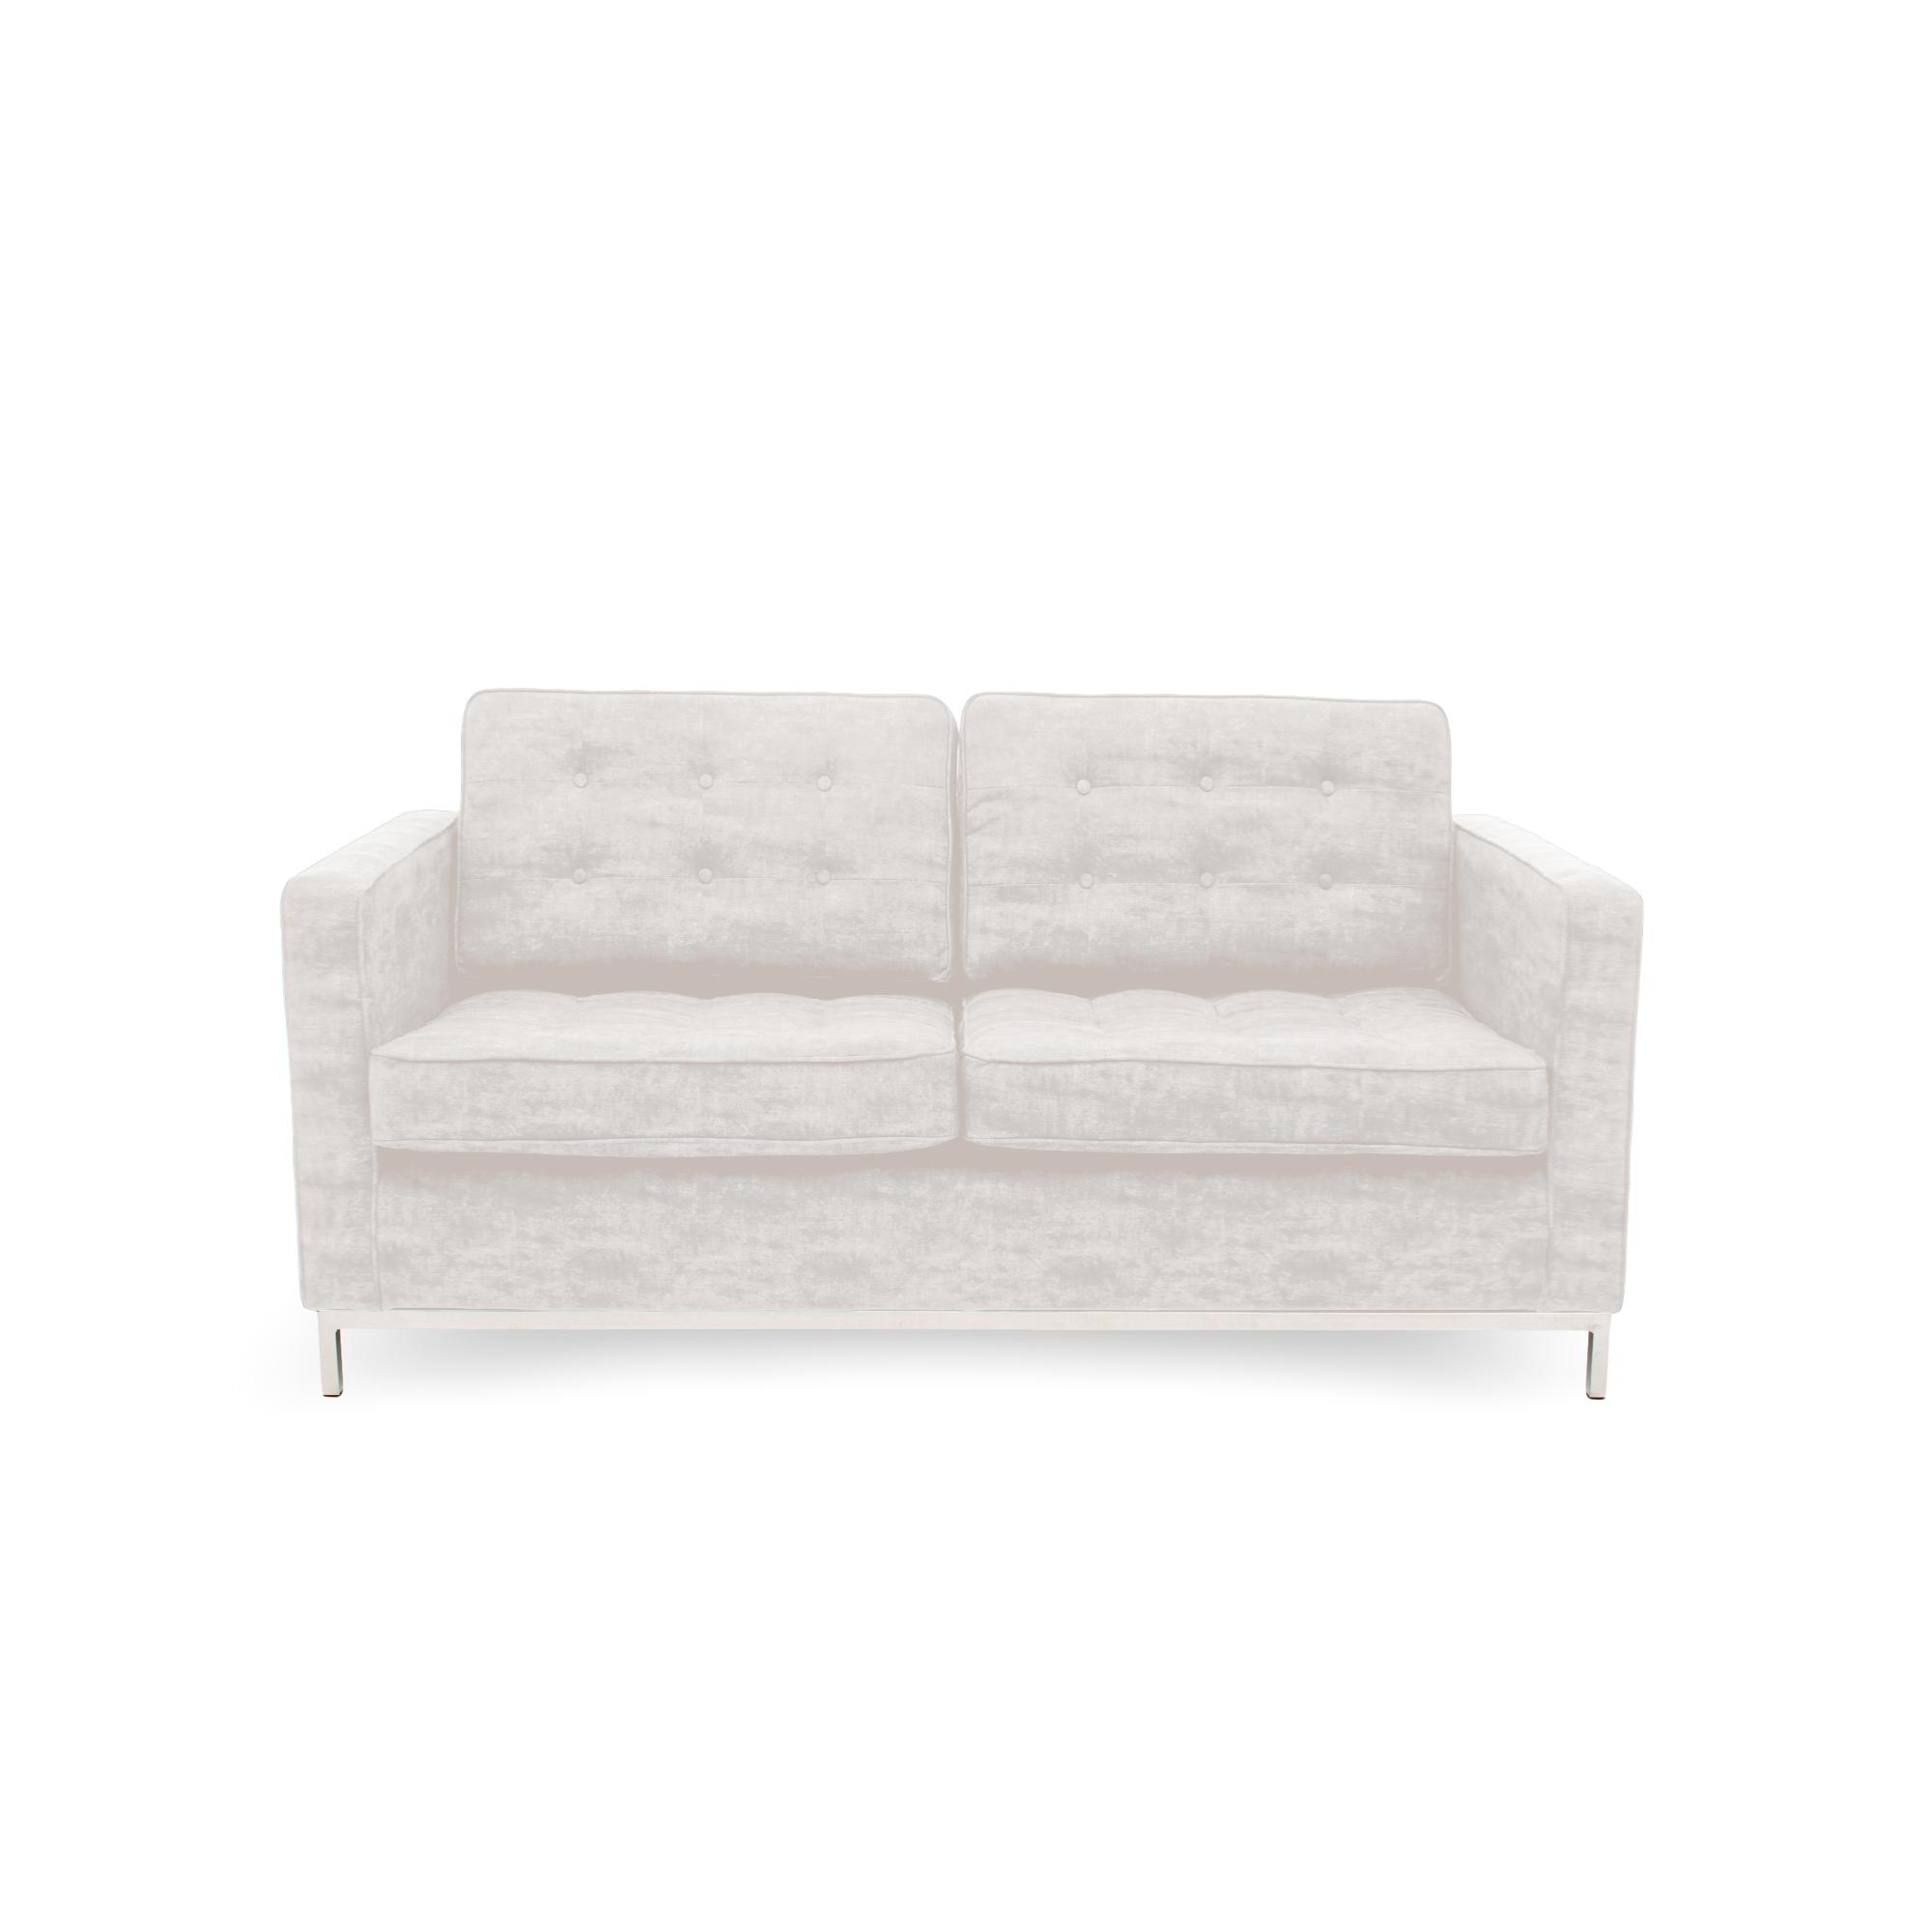 Canapea Fixa 2 locuri Ben Beige